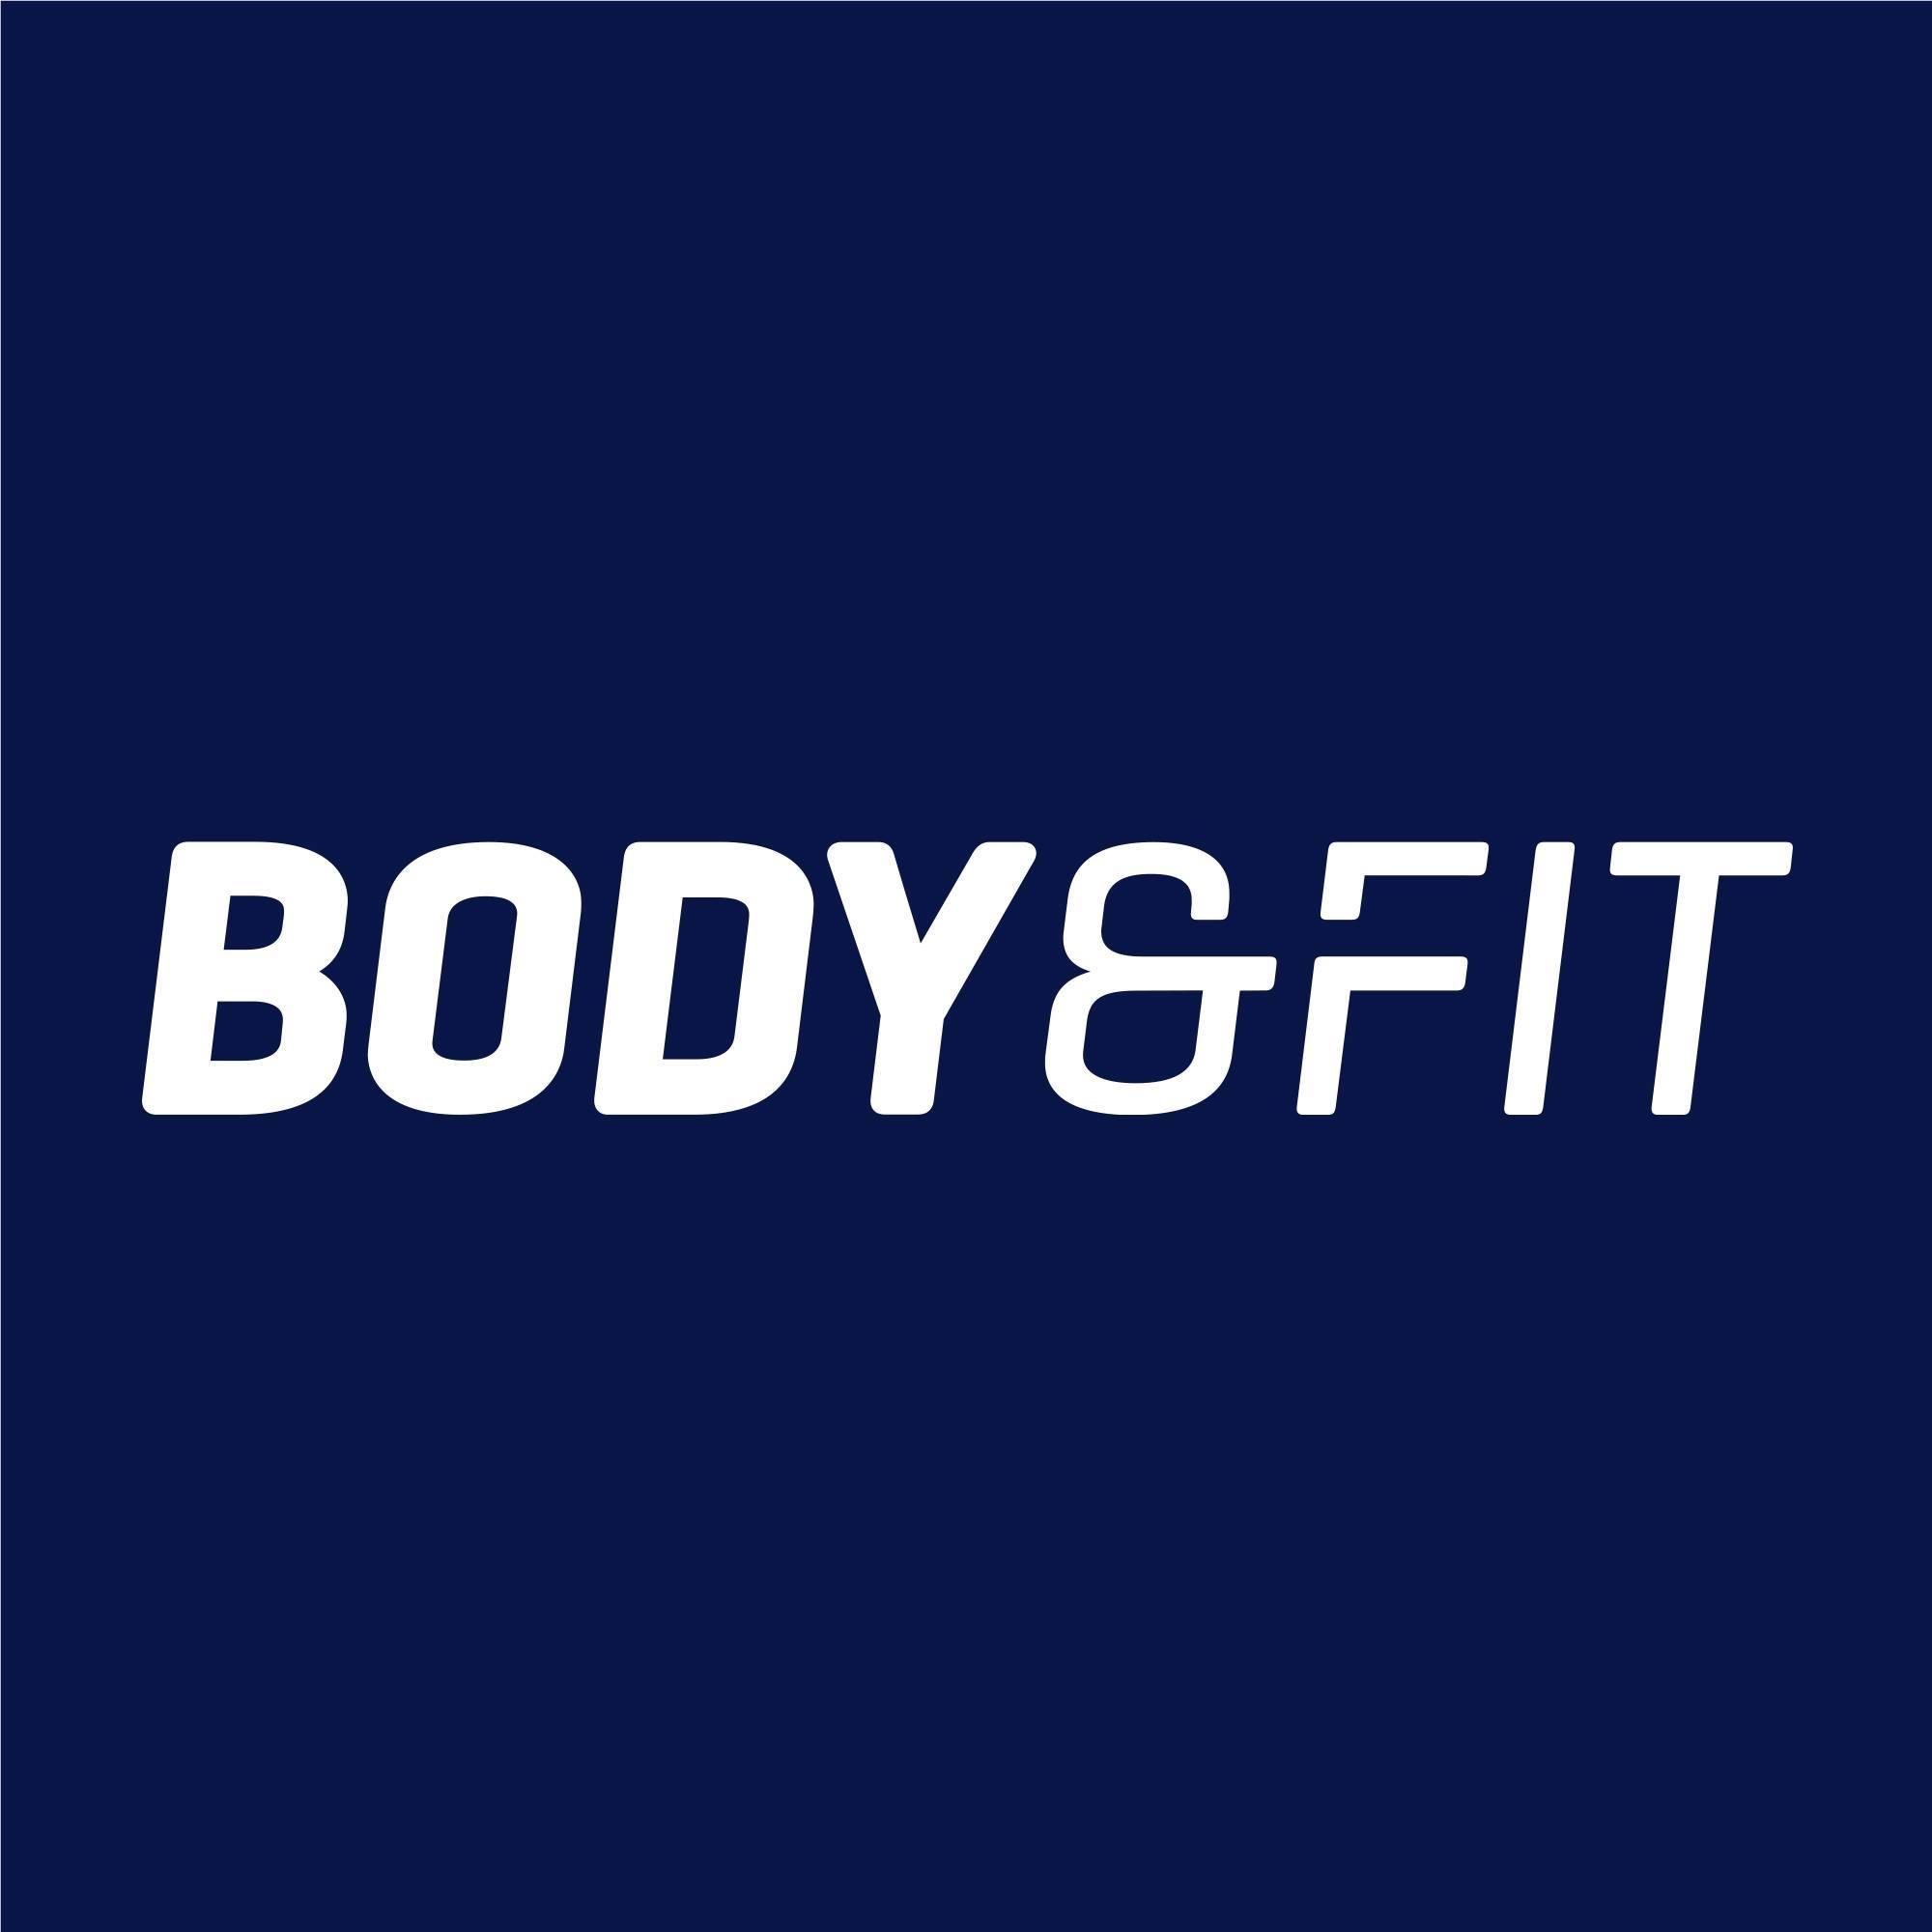 Code promo Body & Fit : 15% de réduction sur votre première commande en vous inscrivant à la newsletter